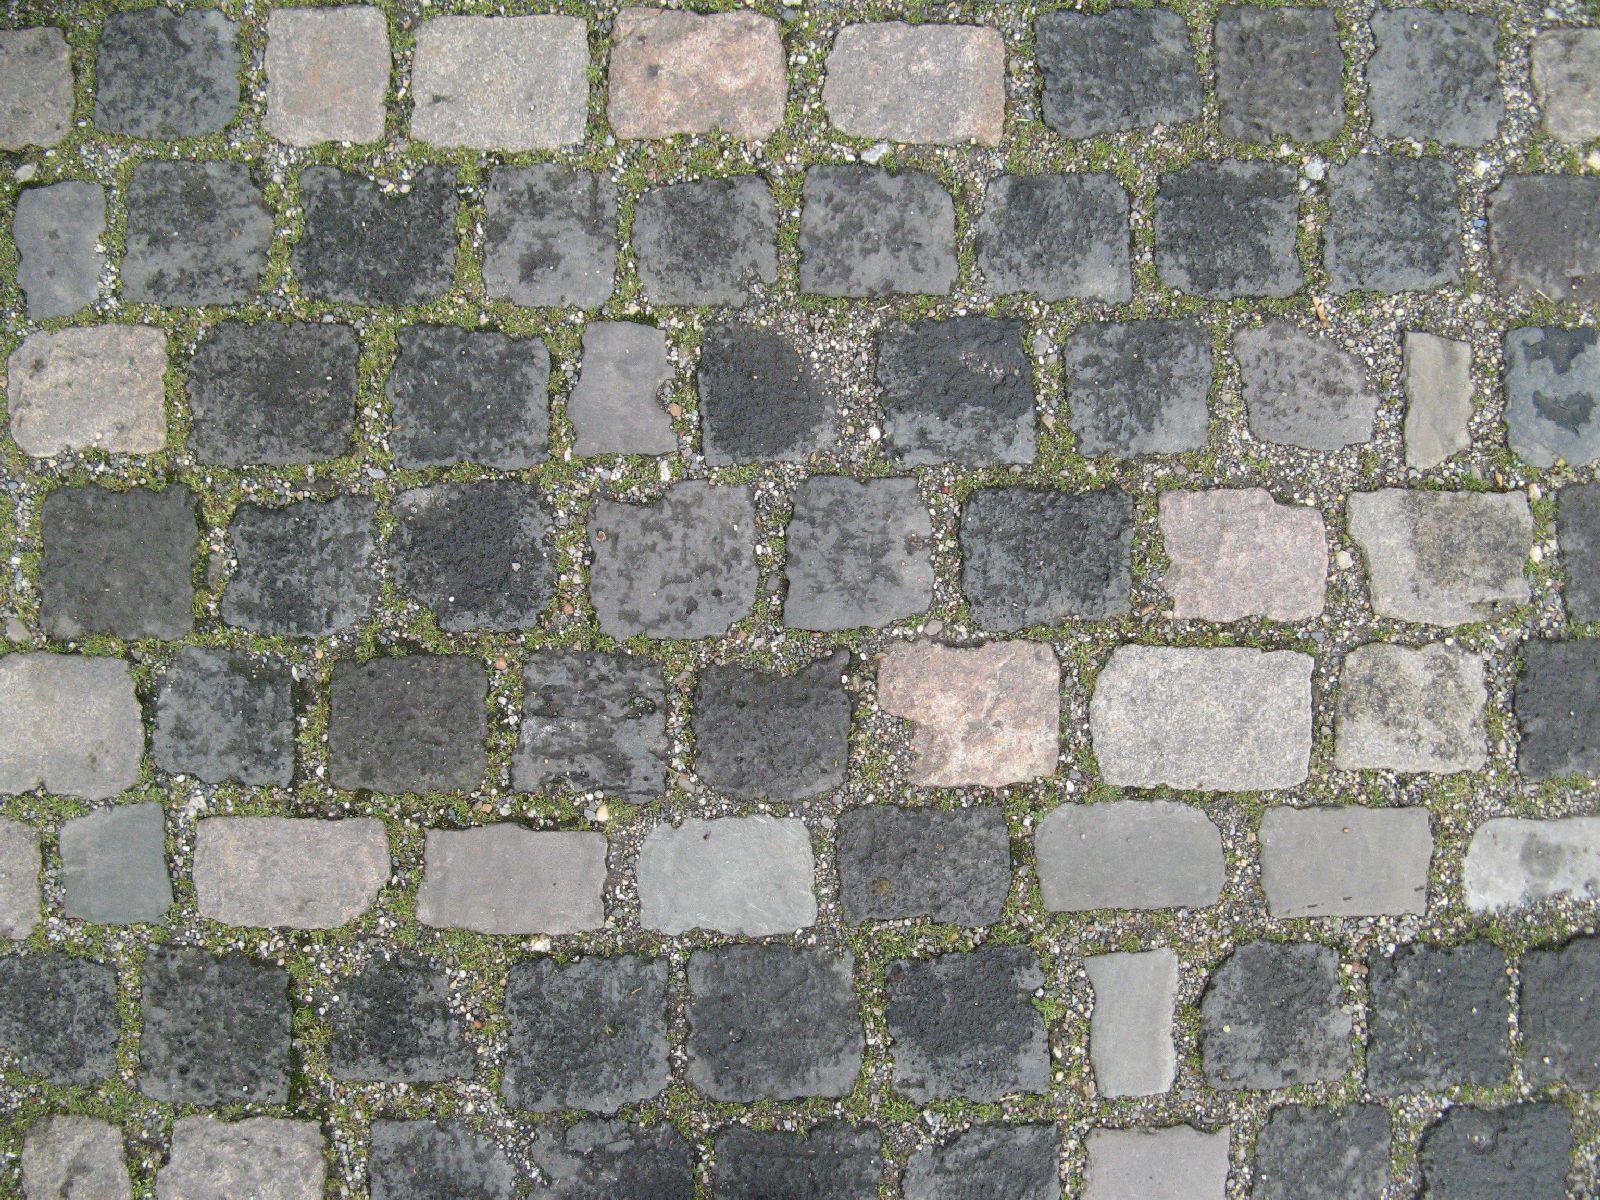 Ground-Urban_Texture_B_02117